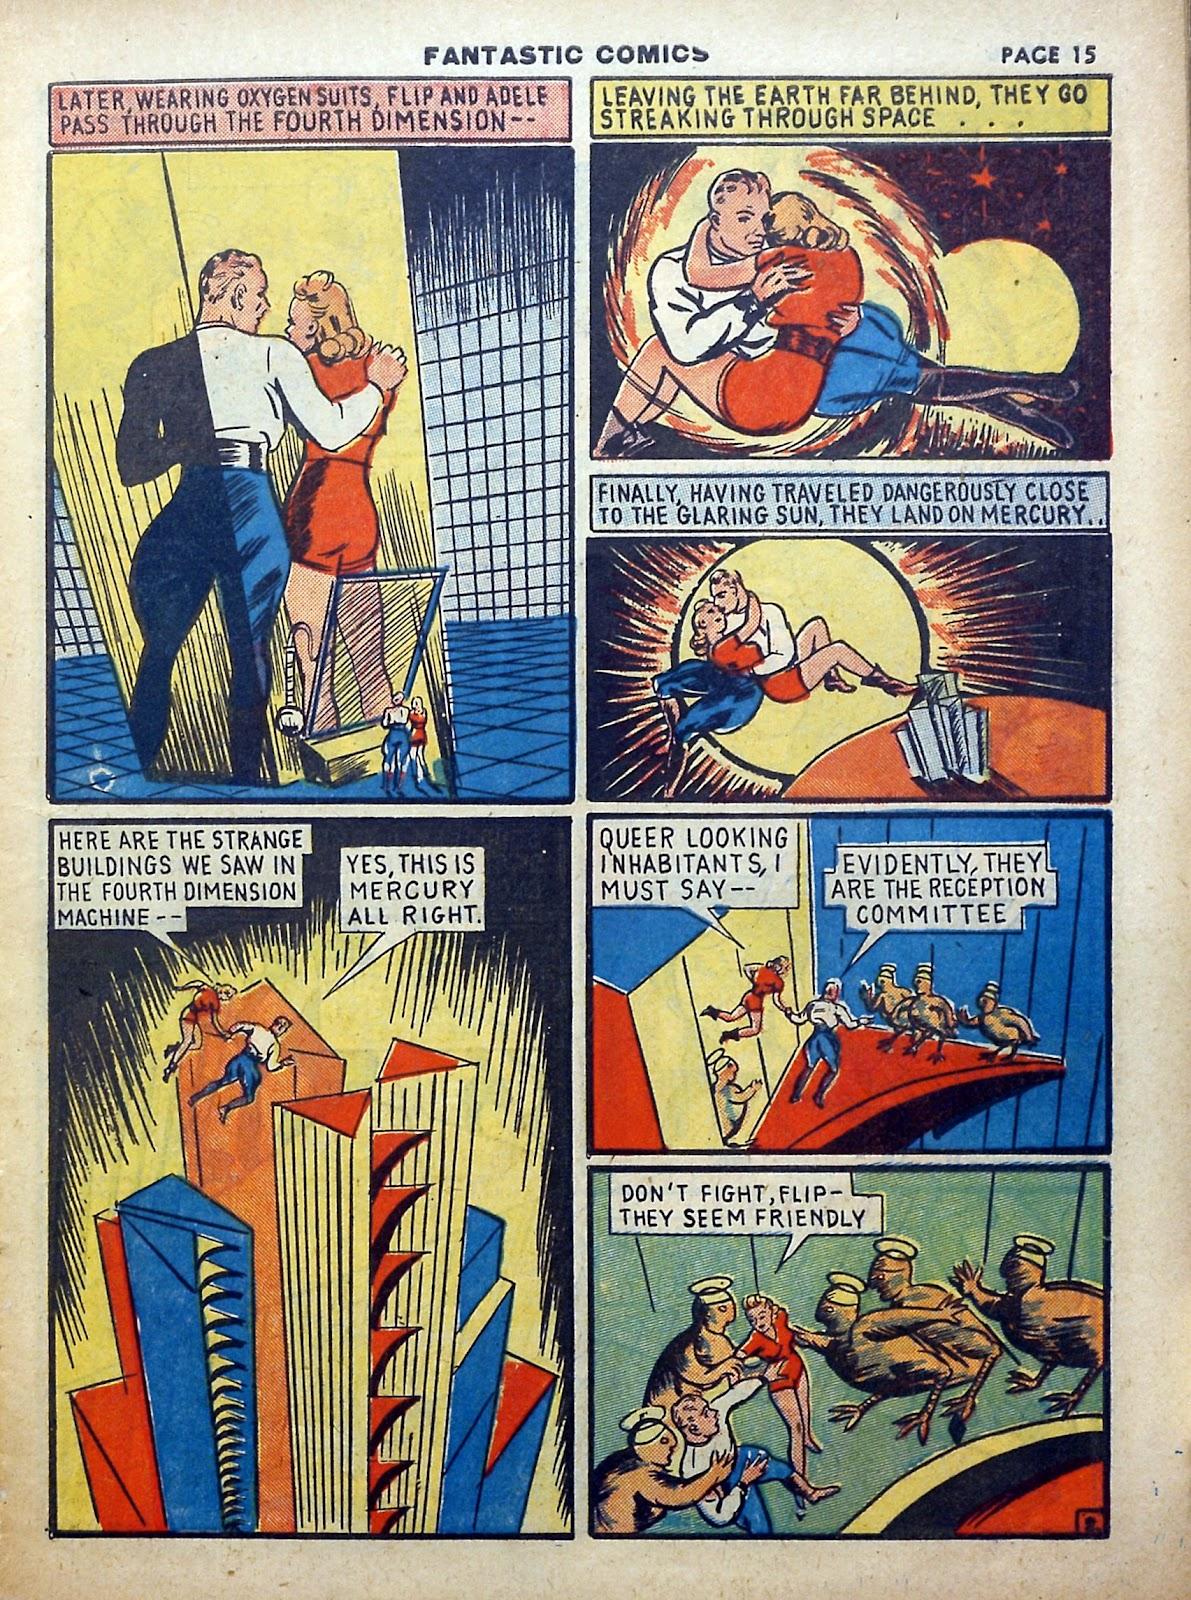 Read online Fantastic Comics comic -  Issue #5 - 16